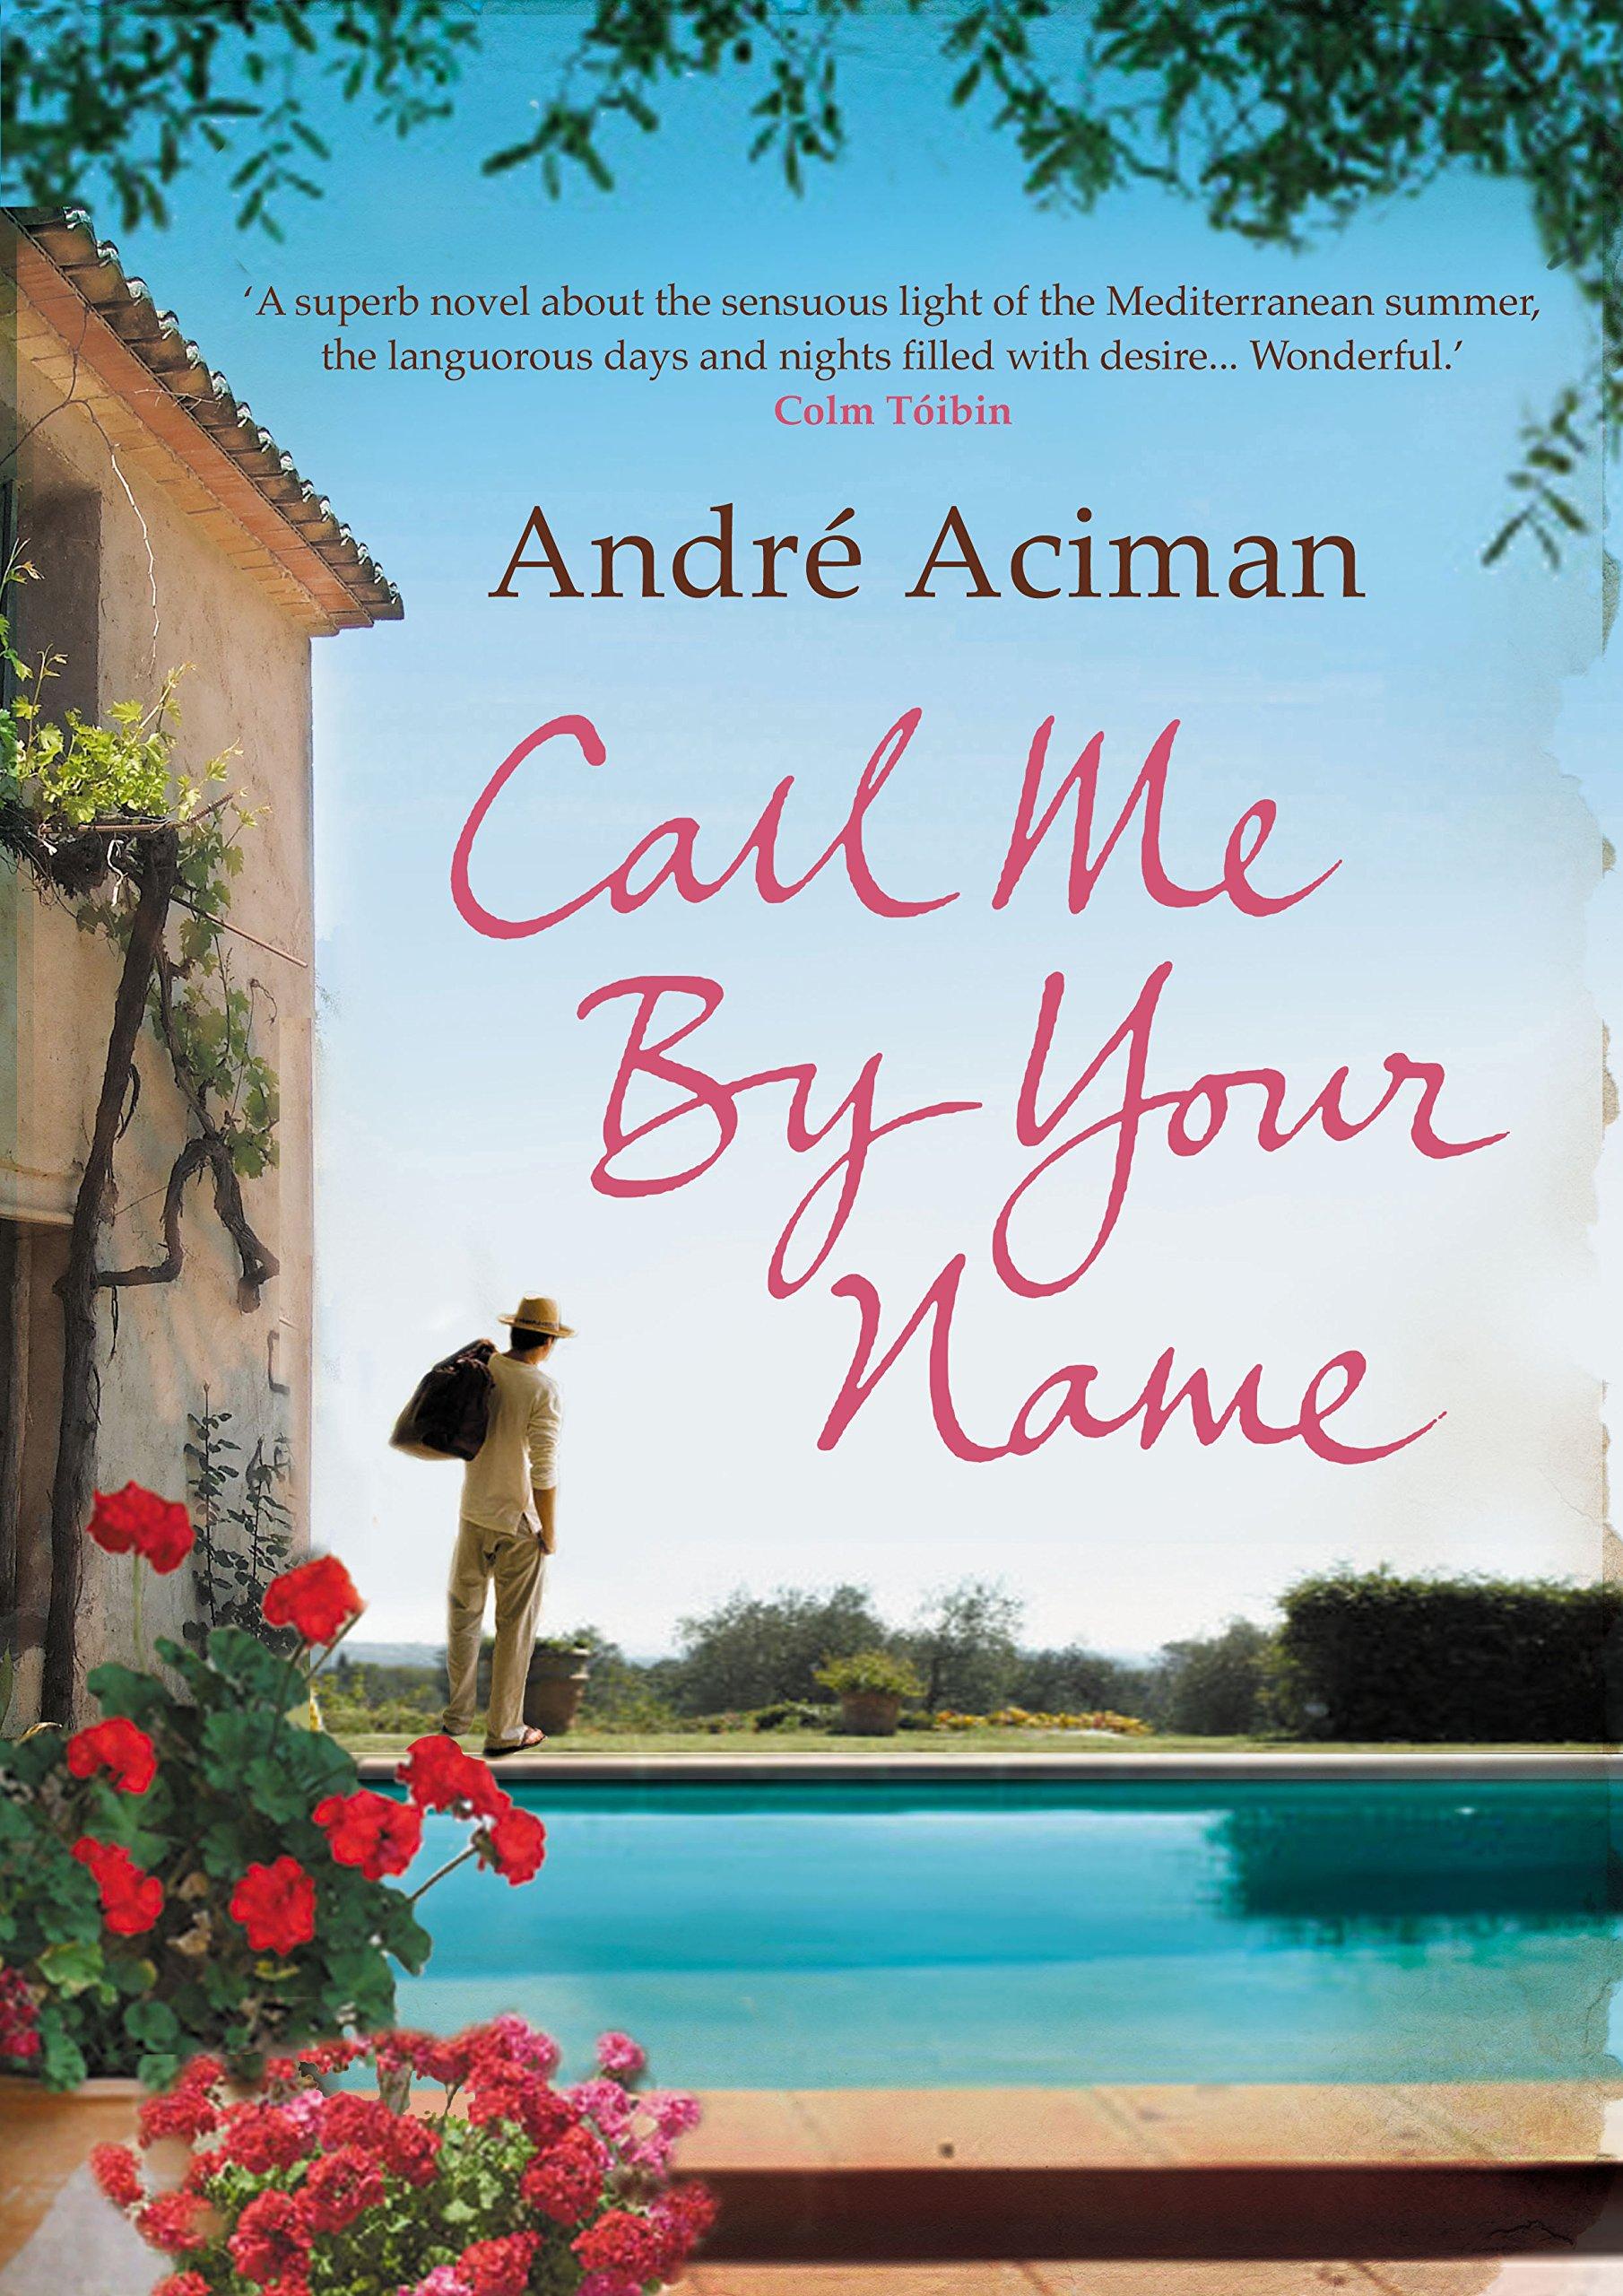 Αποτέλεσμα εικόνας για call me by your name book